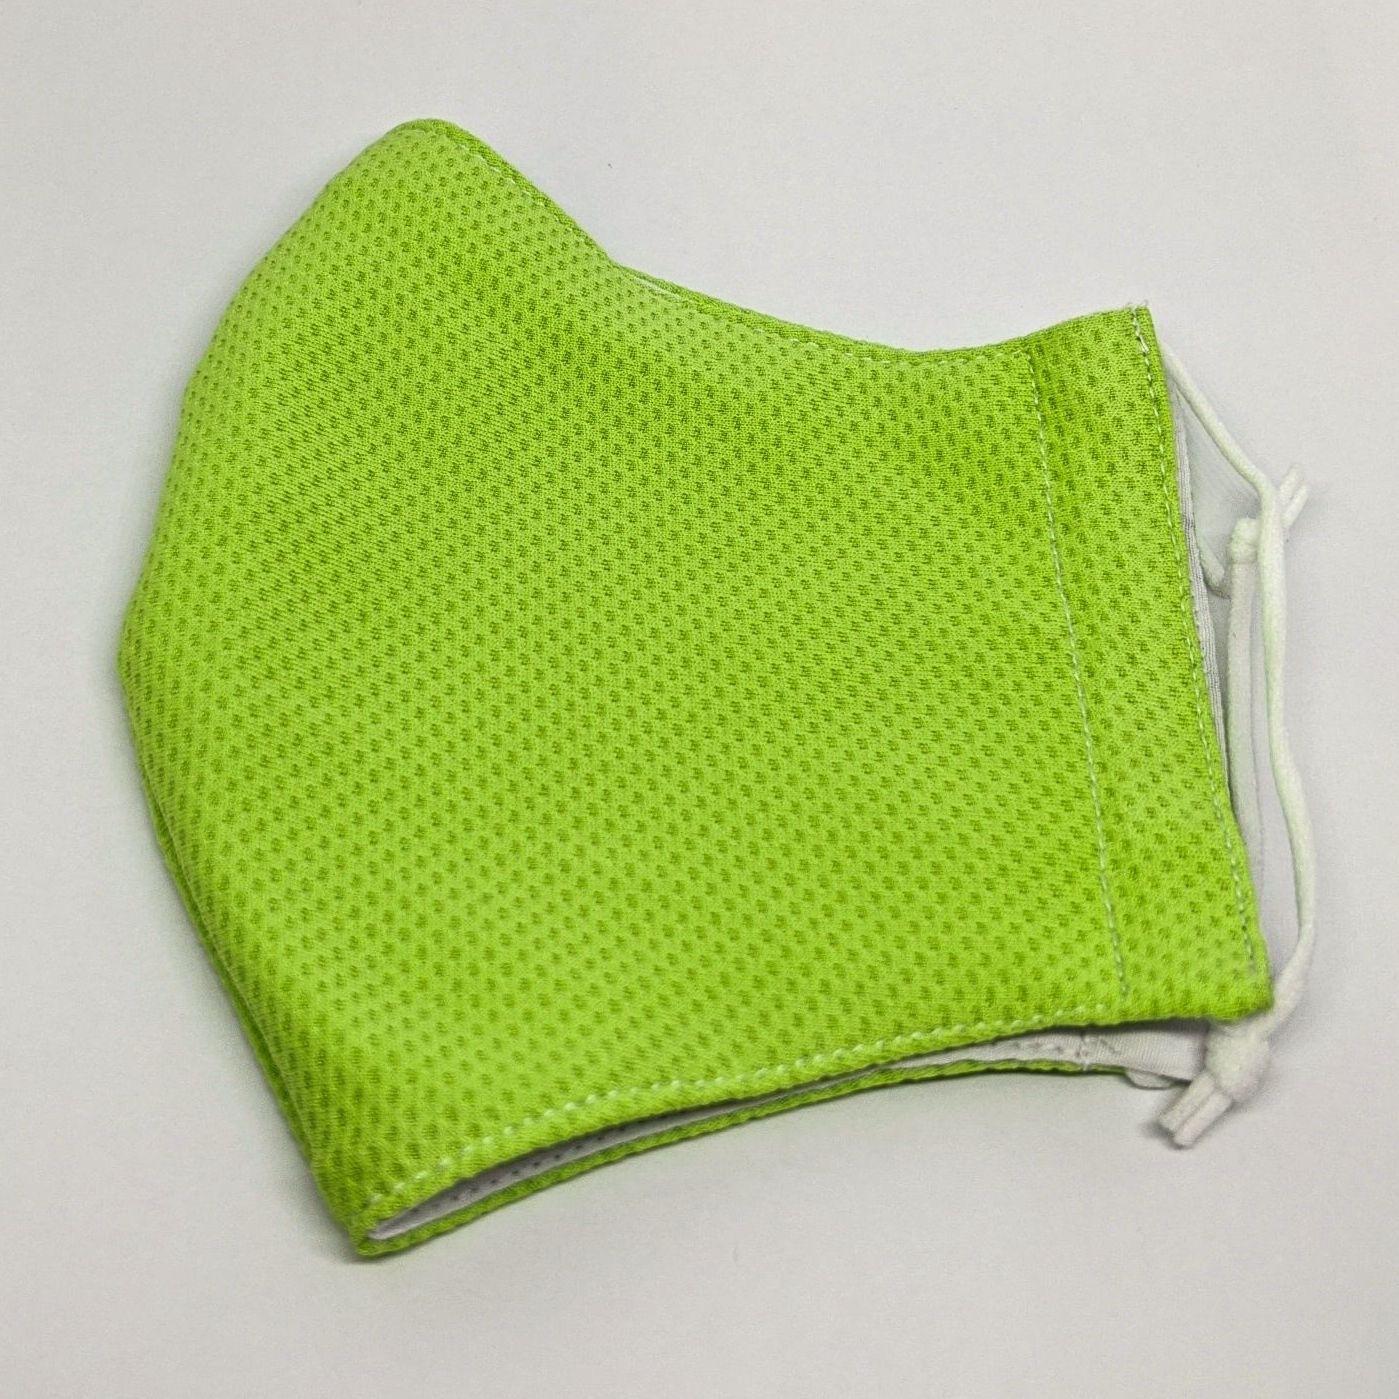 手作りマスク(緑)Lサイズ